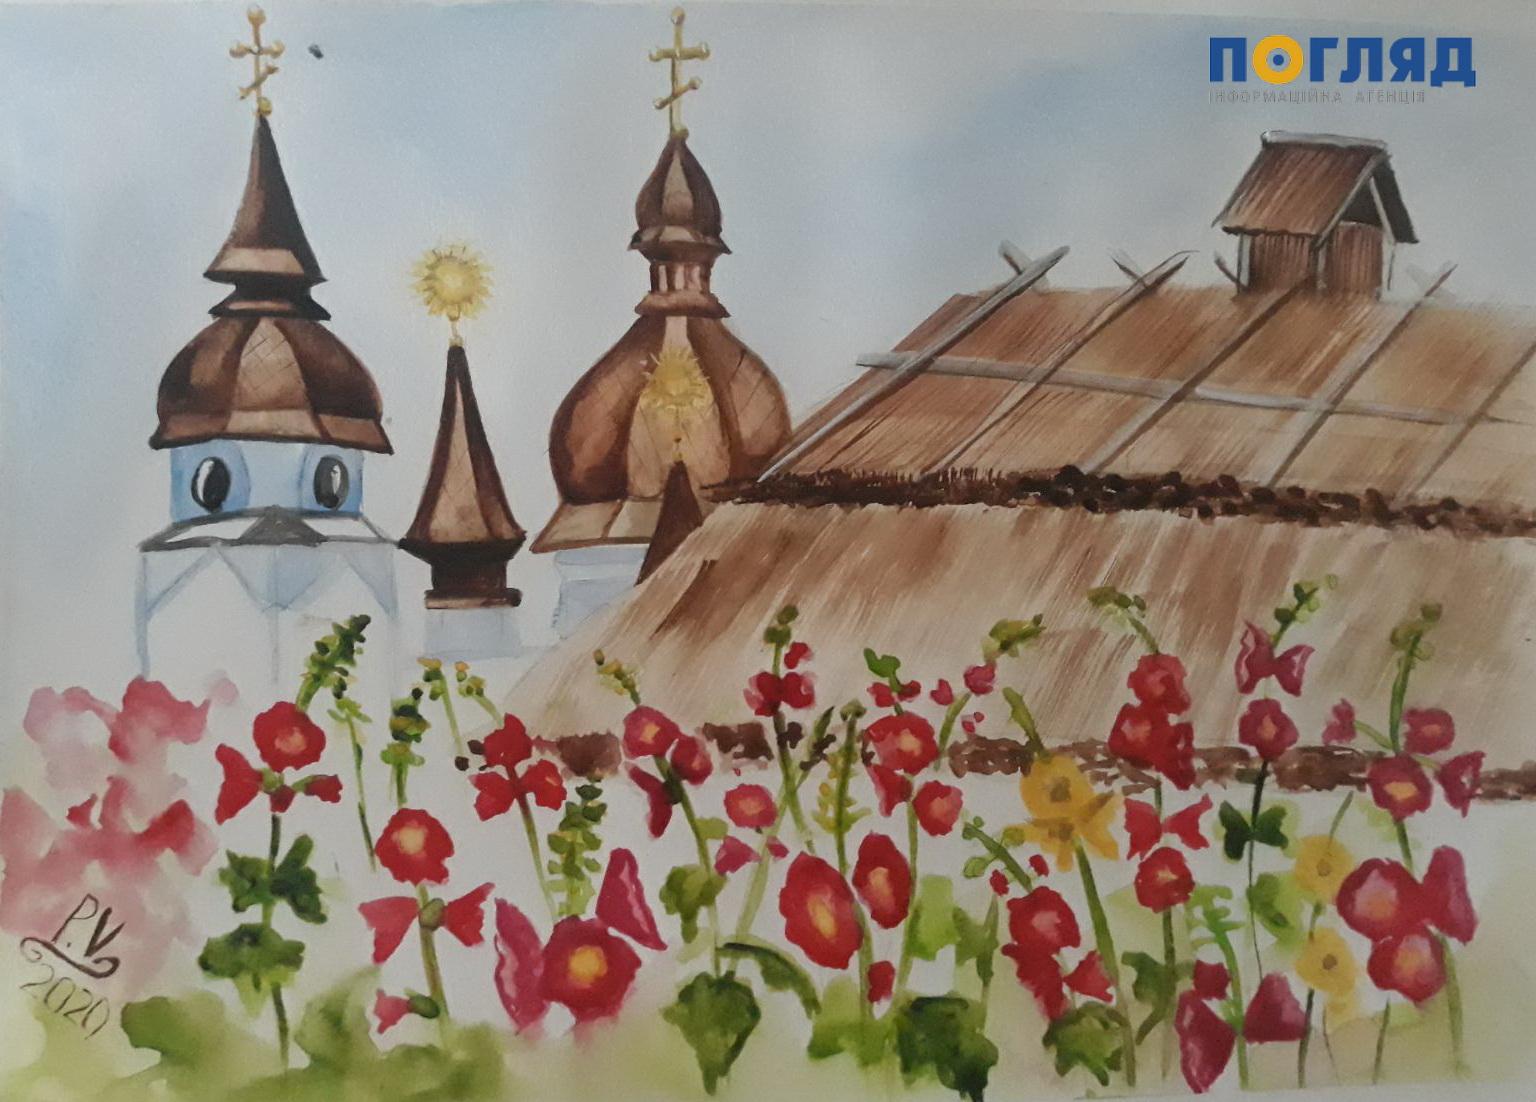 І дорослі, і малі: пленер художників на Васильківщині -  - IMG 3a776d844d8cca83dd9aae125f0d11de V